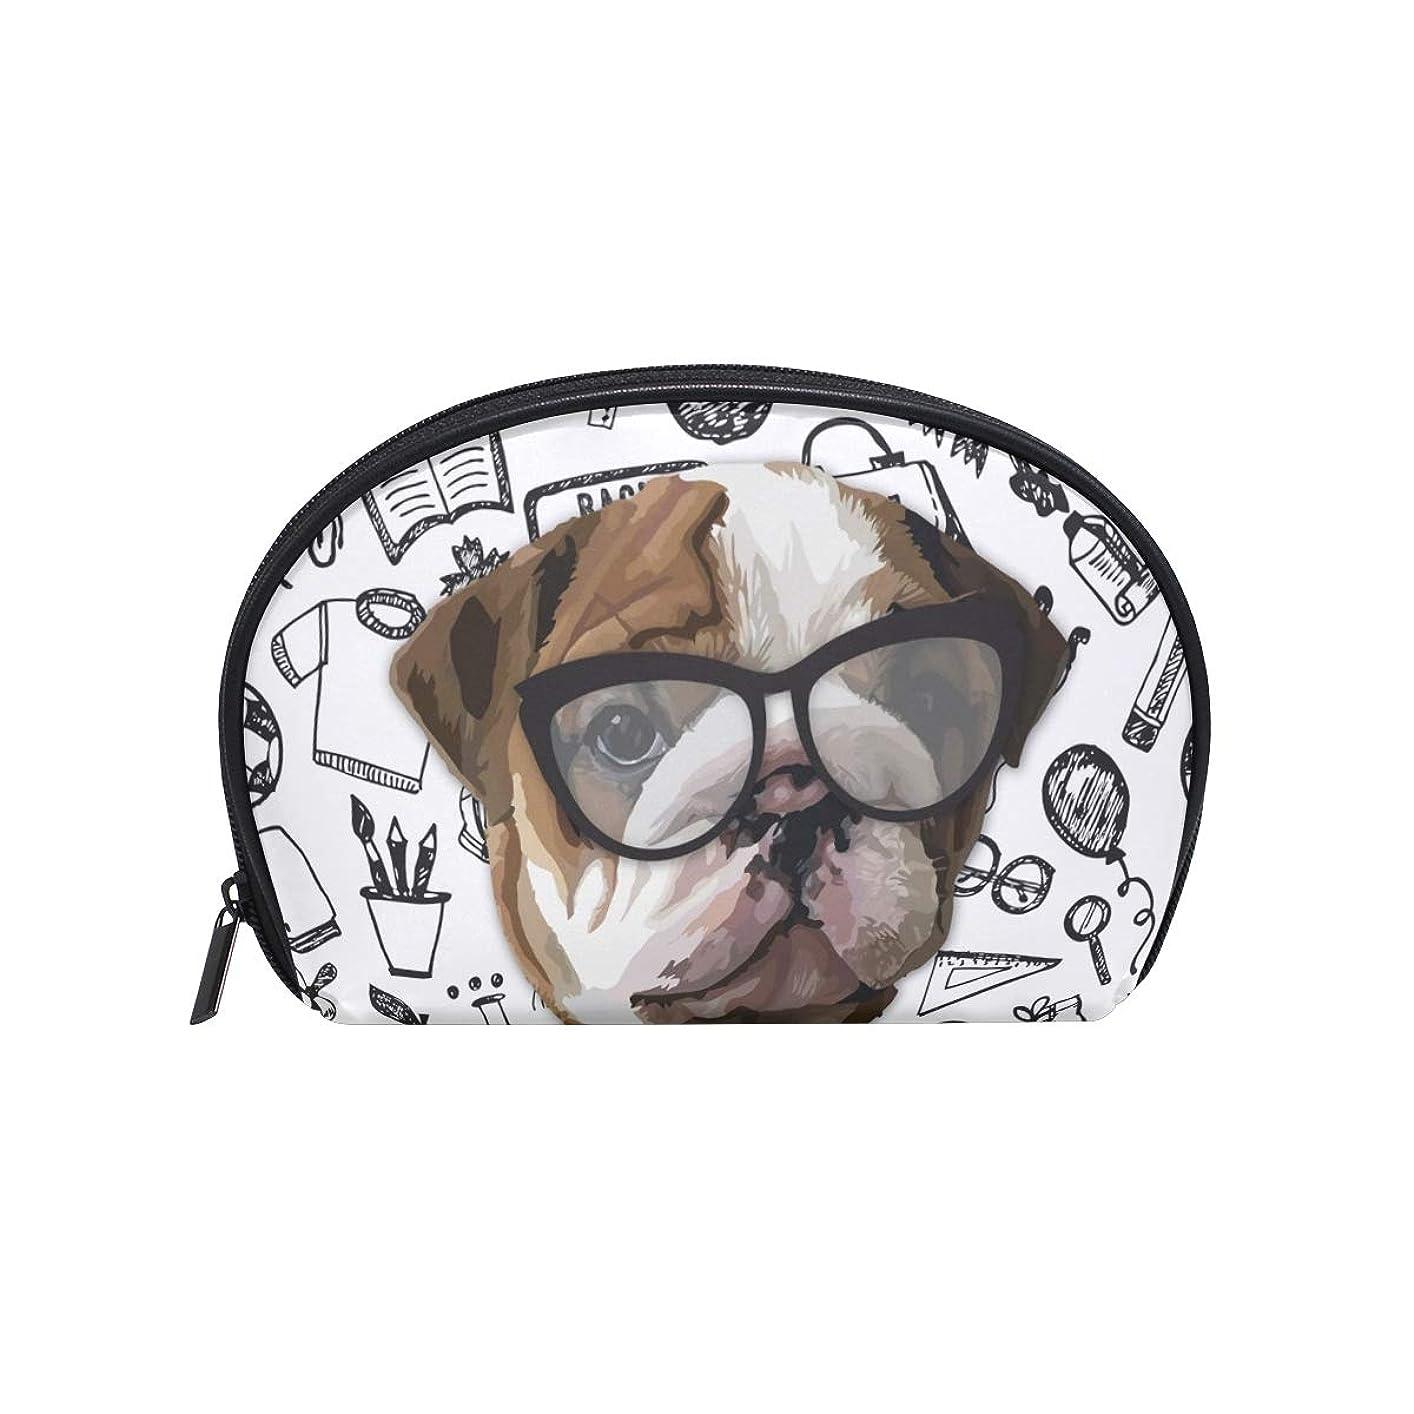 絶対に浮くバスルーム半月型 ペット動物犬 化粧ポーチ コスメポーチ コスメバッグ メイクポーチ 大容量 旅行 小物入れ